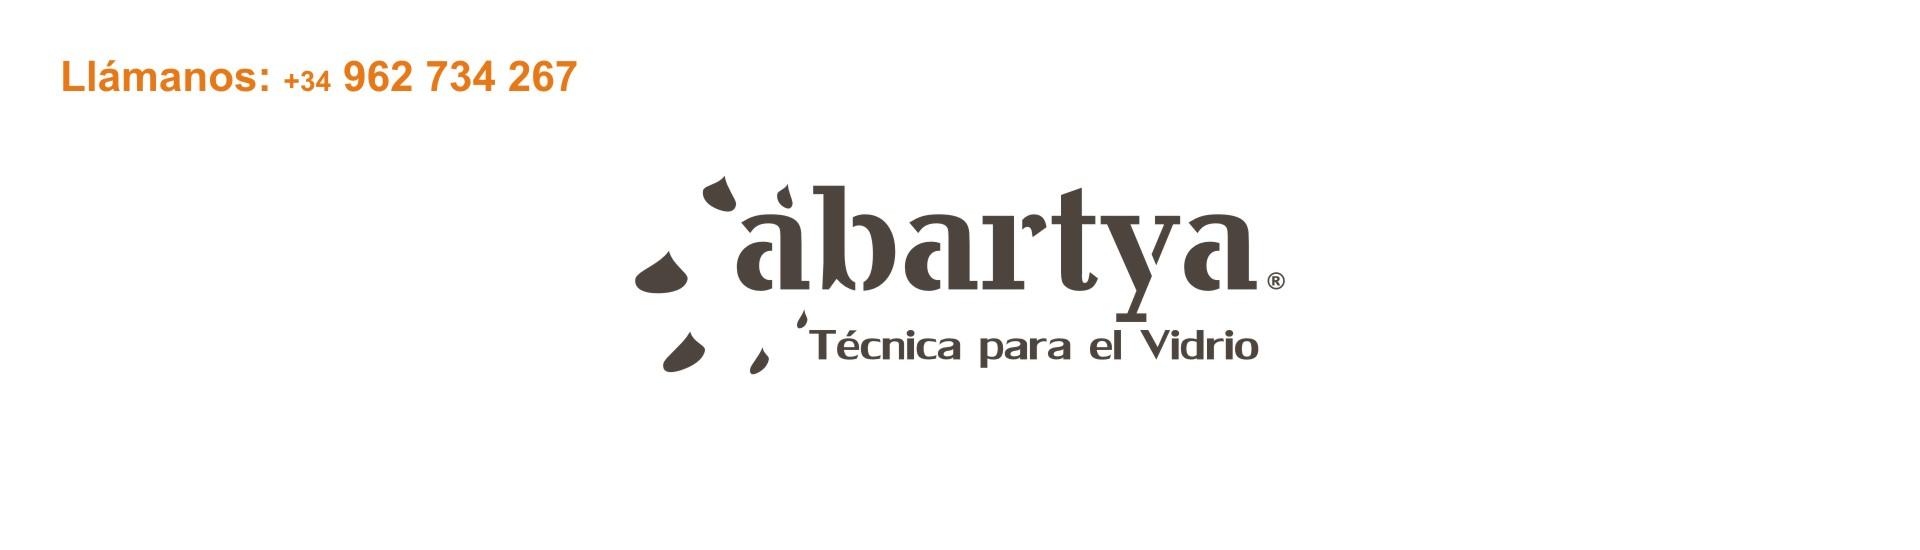 Abartya